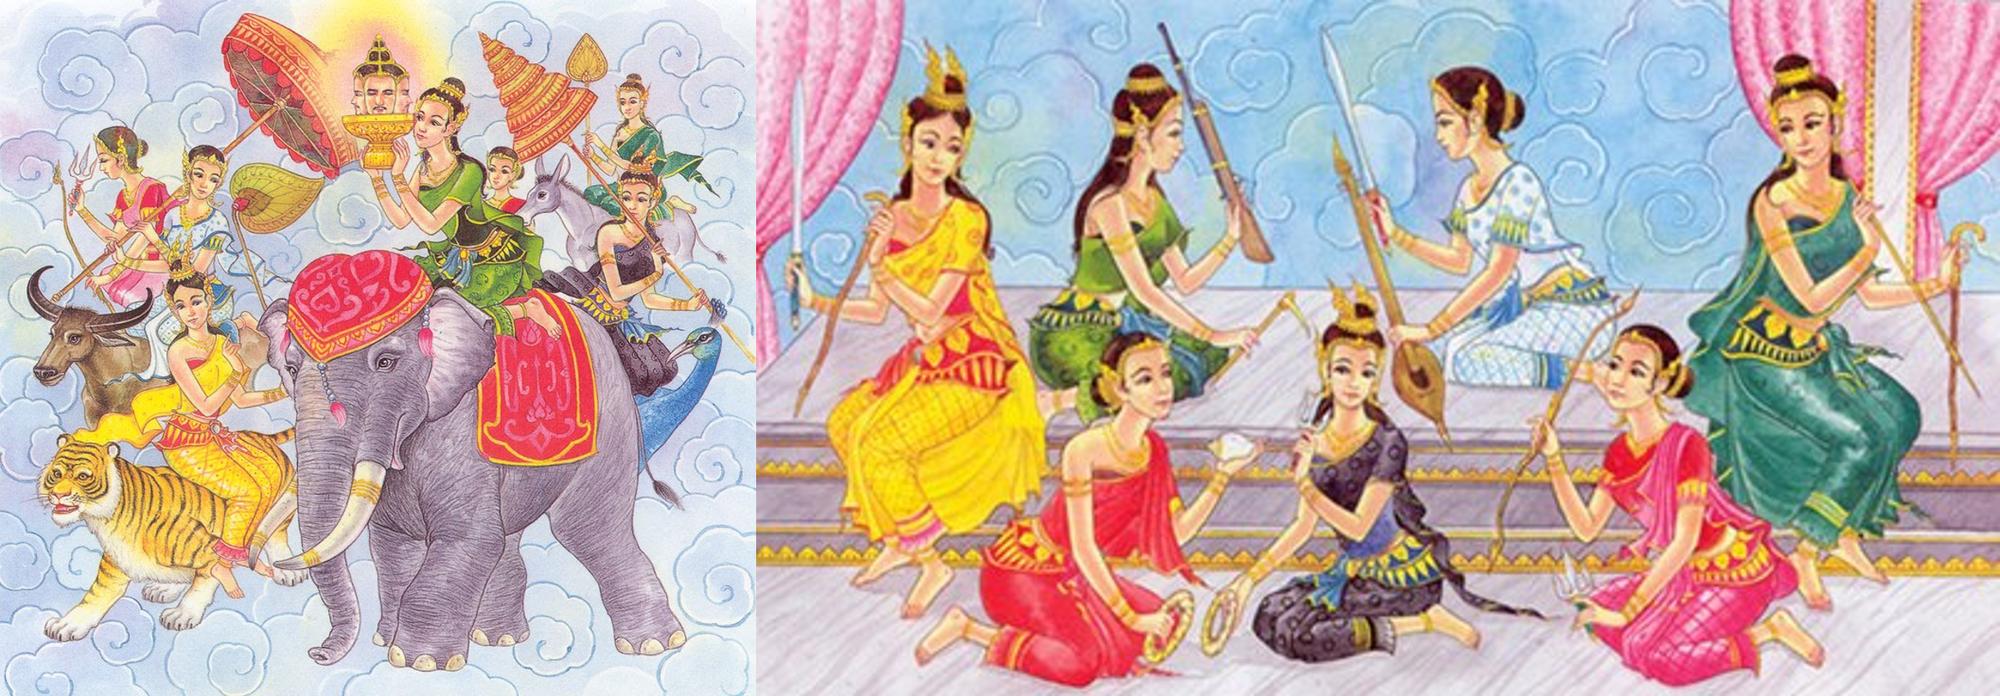 Lễ hội té nước Songkran: Đừng giữ mình khô ráo nếu muốn hưởng hạnh phúc! - Ảnh 4.